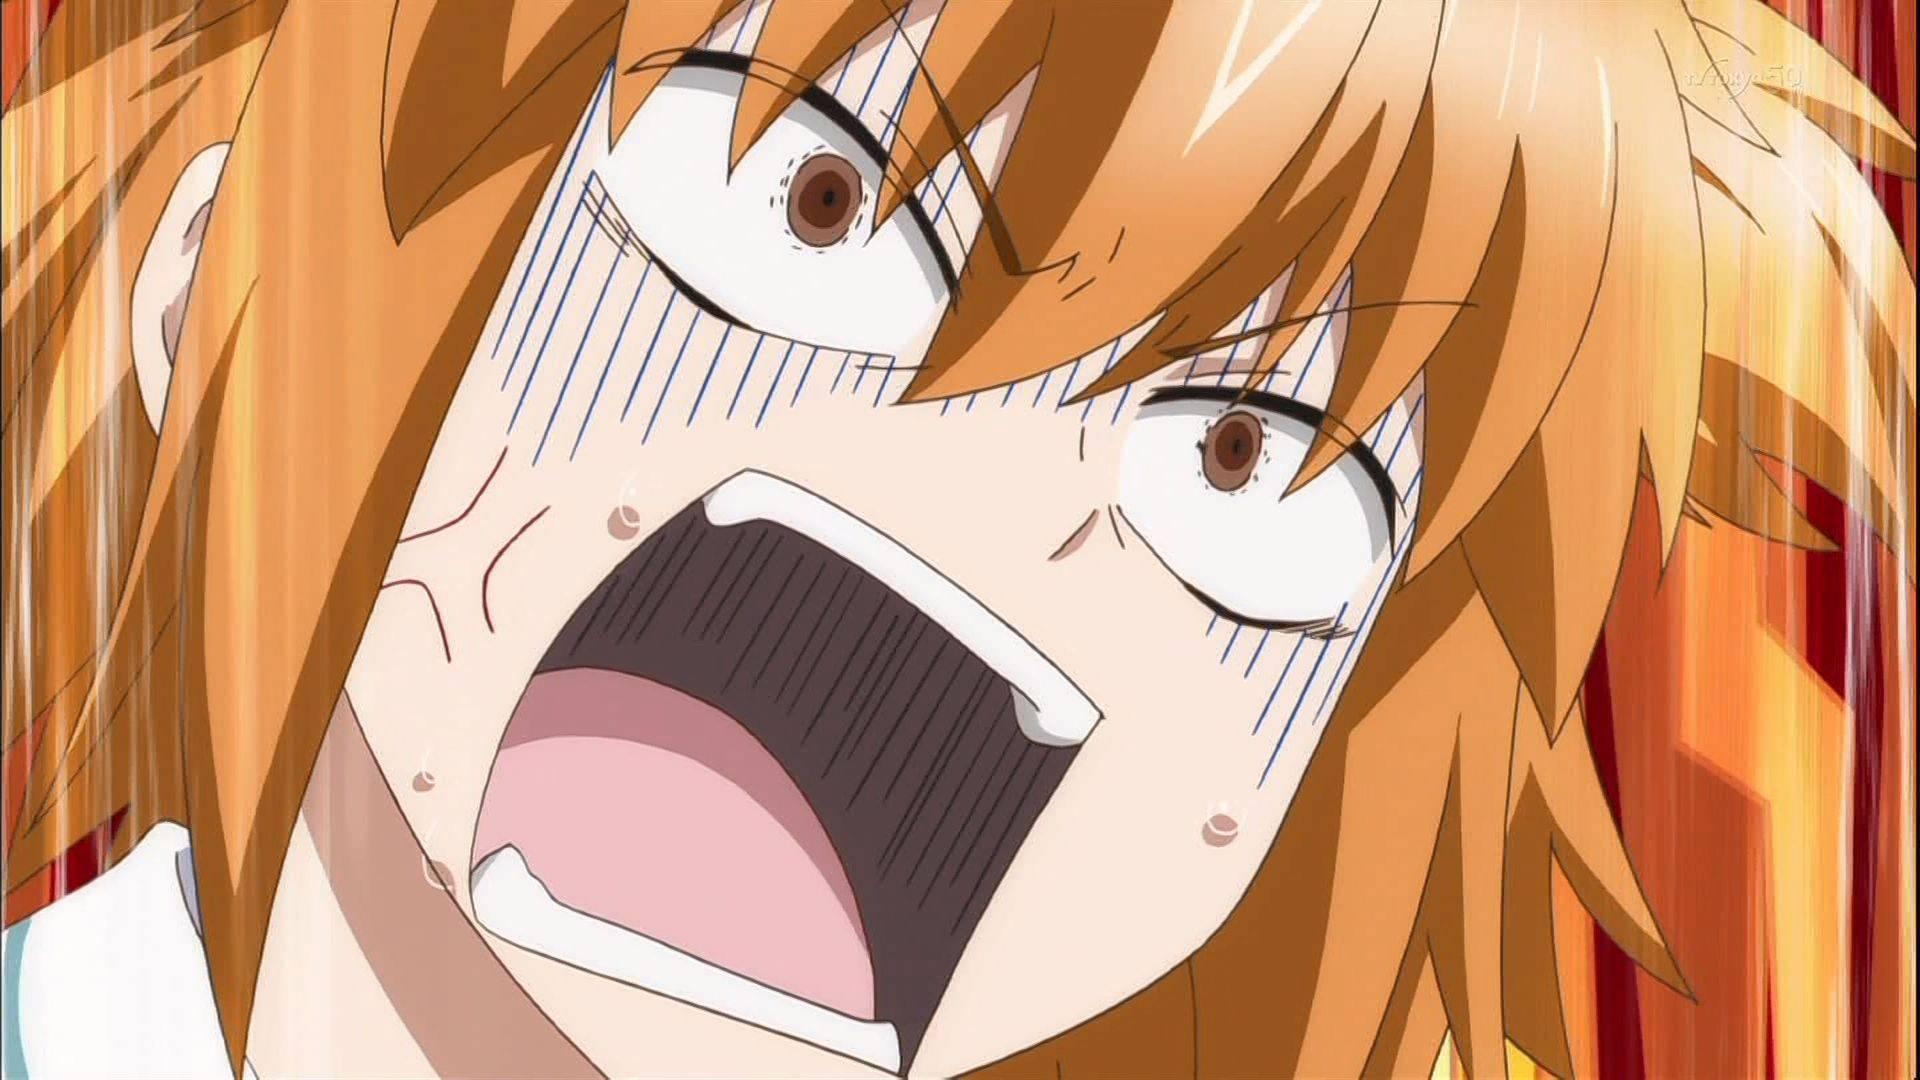 【このハゲーッ!】すげぇ怒ってる女の子達の二次画像【私の心を傷つけるな!】【20】